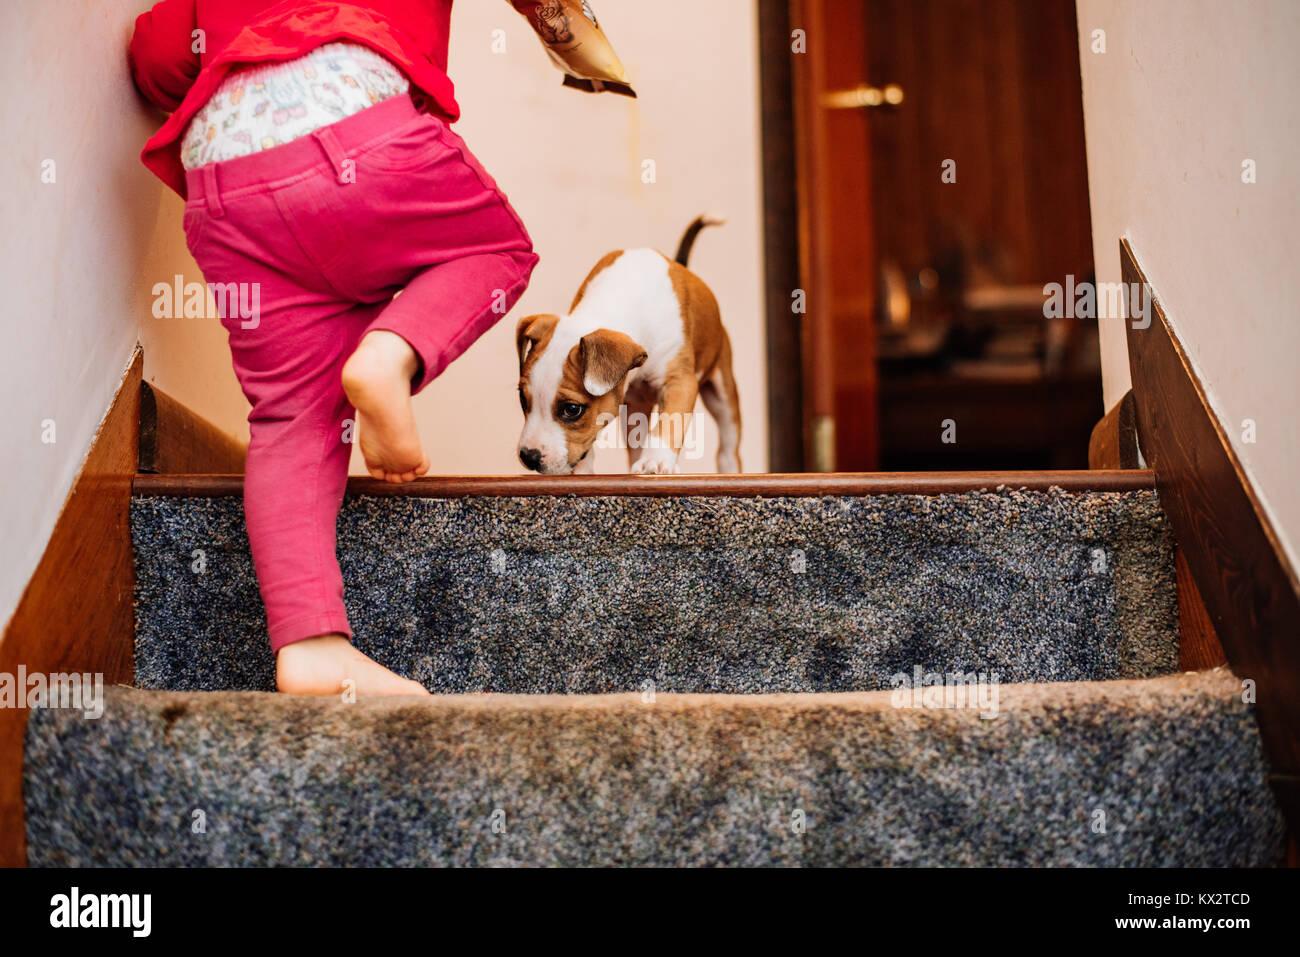 Un bébé fille monte les escaliers tandis qu'un chiot se dirige vers elle. Photo Stock